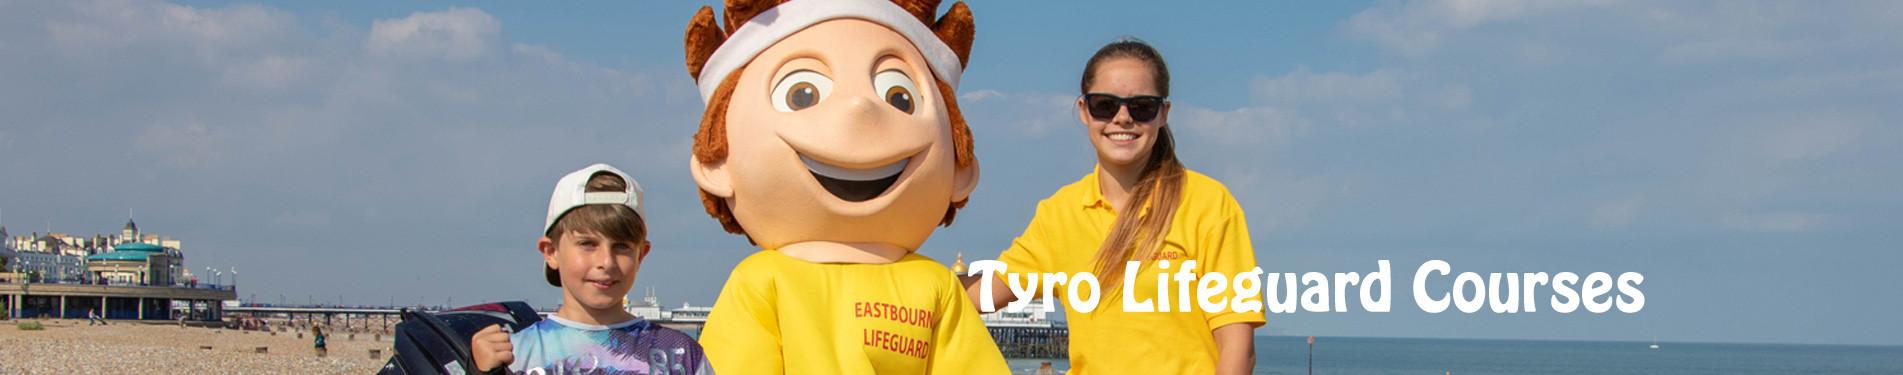 Tyro Lifeguard Courses